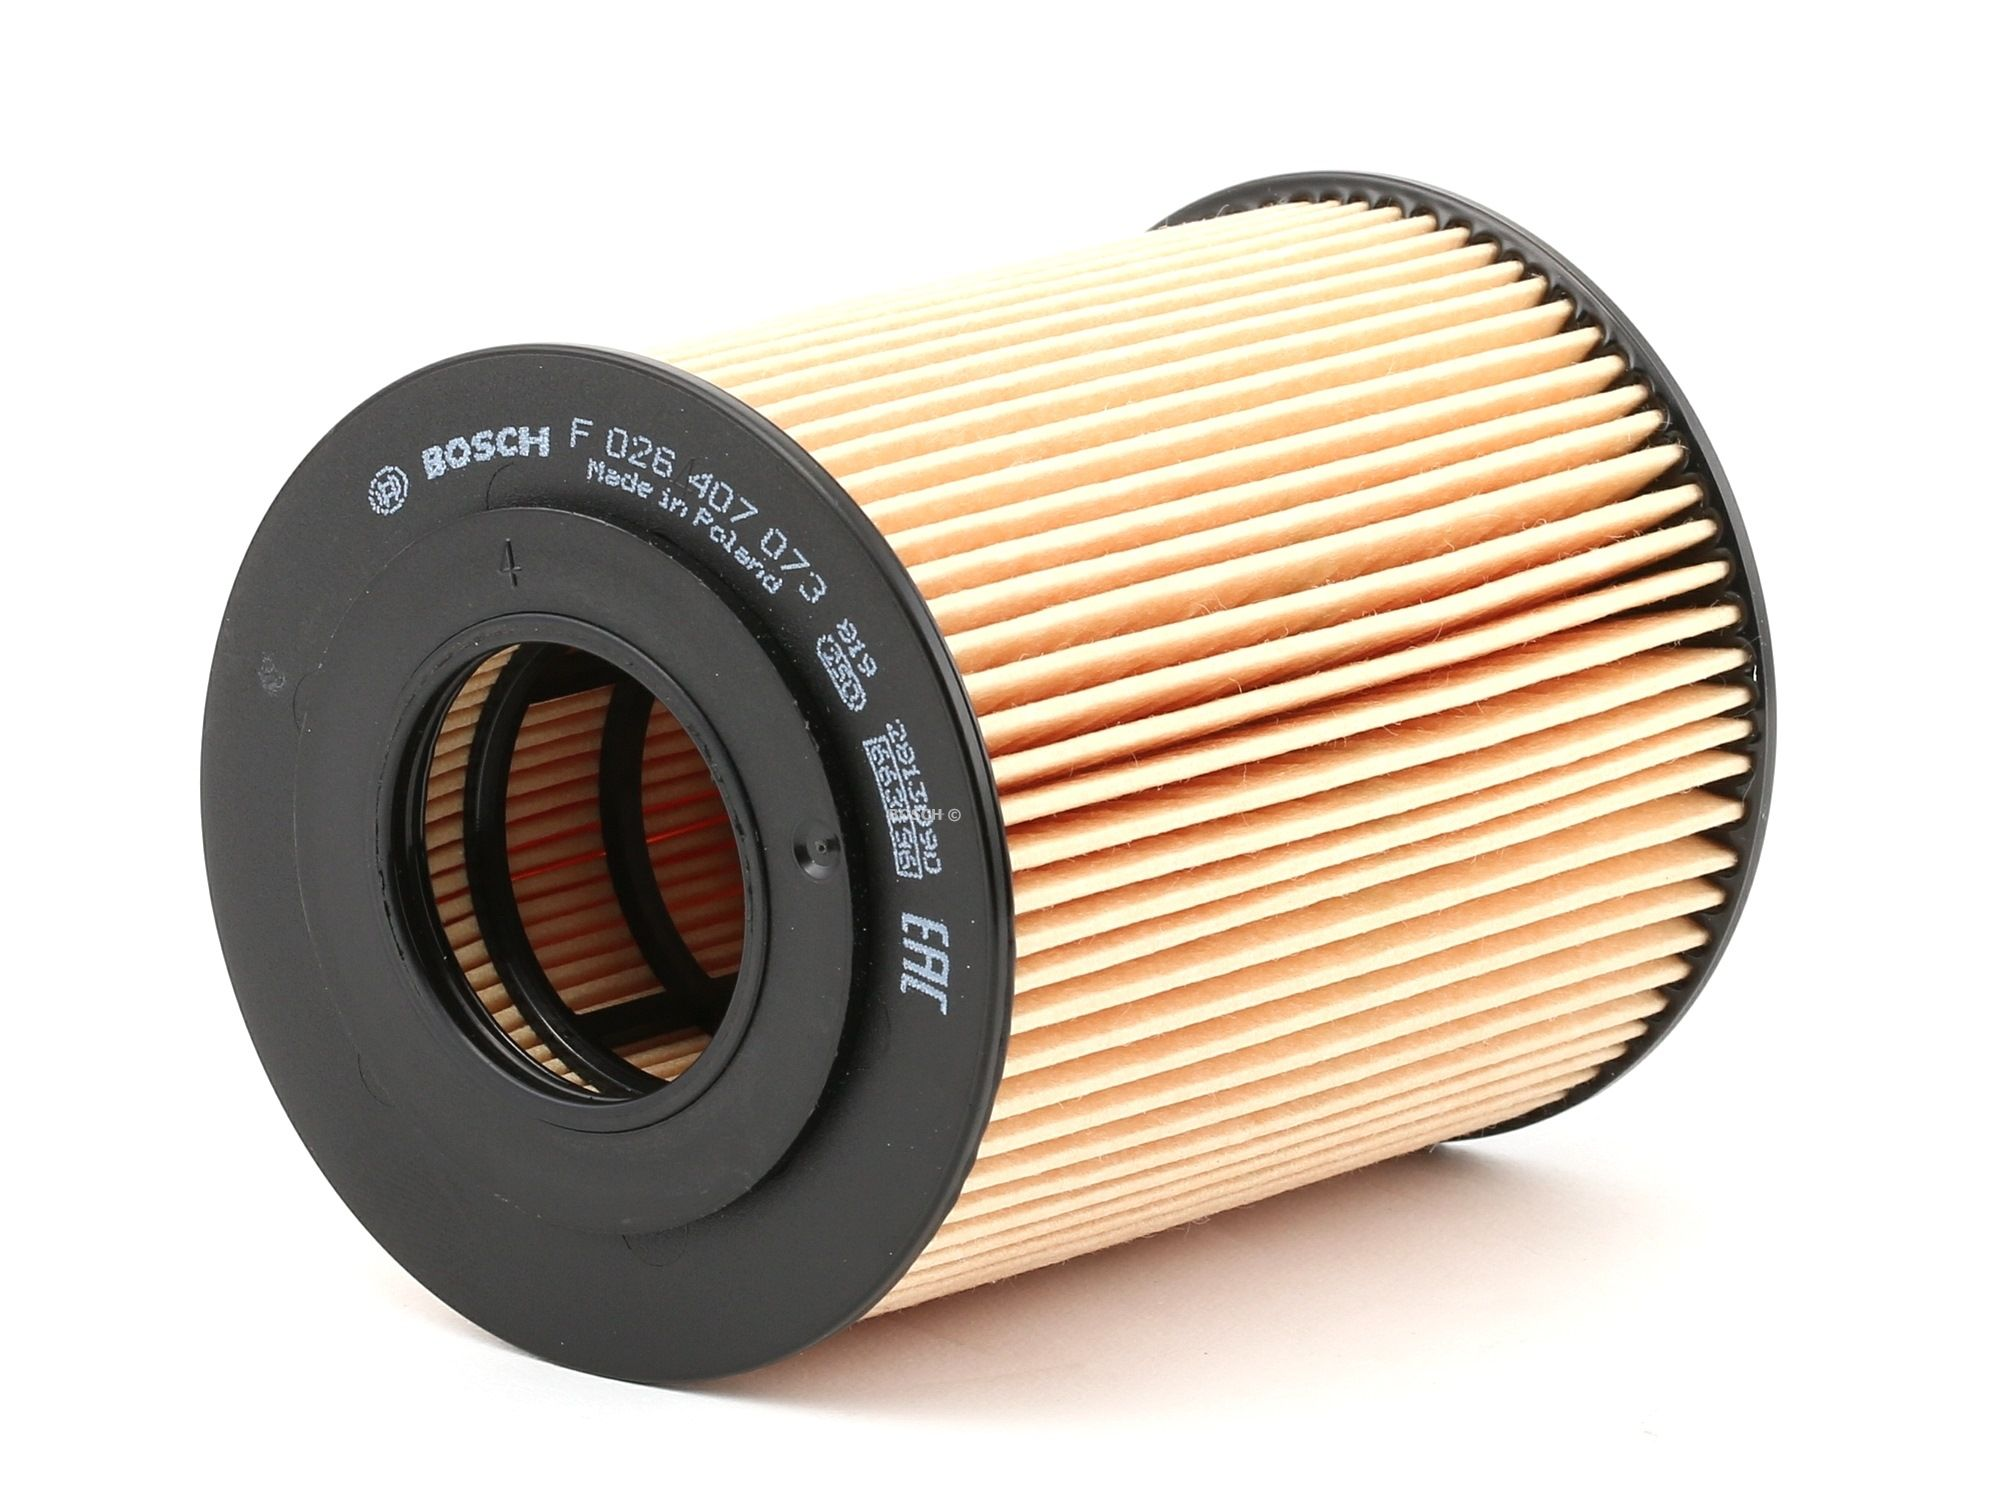 Filter F 026 407 073 som är helt BOSCH otroligt kostnadseffektivt